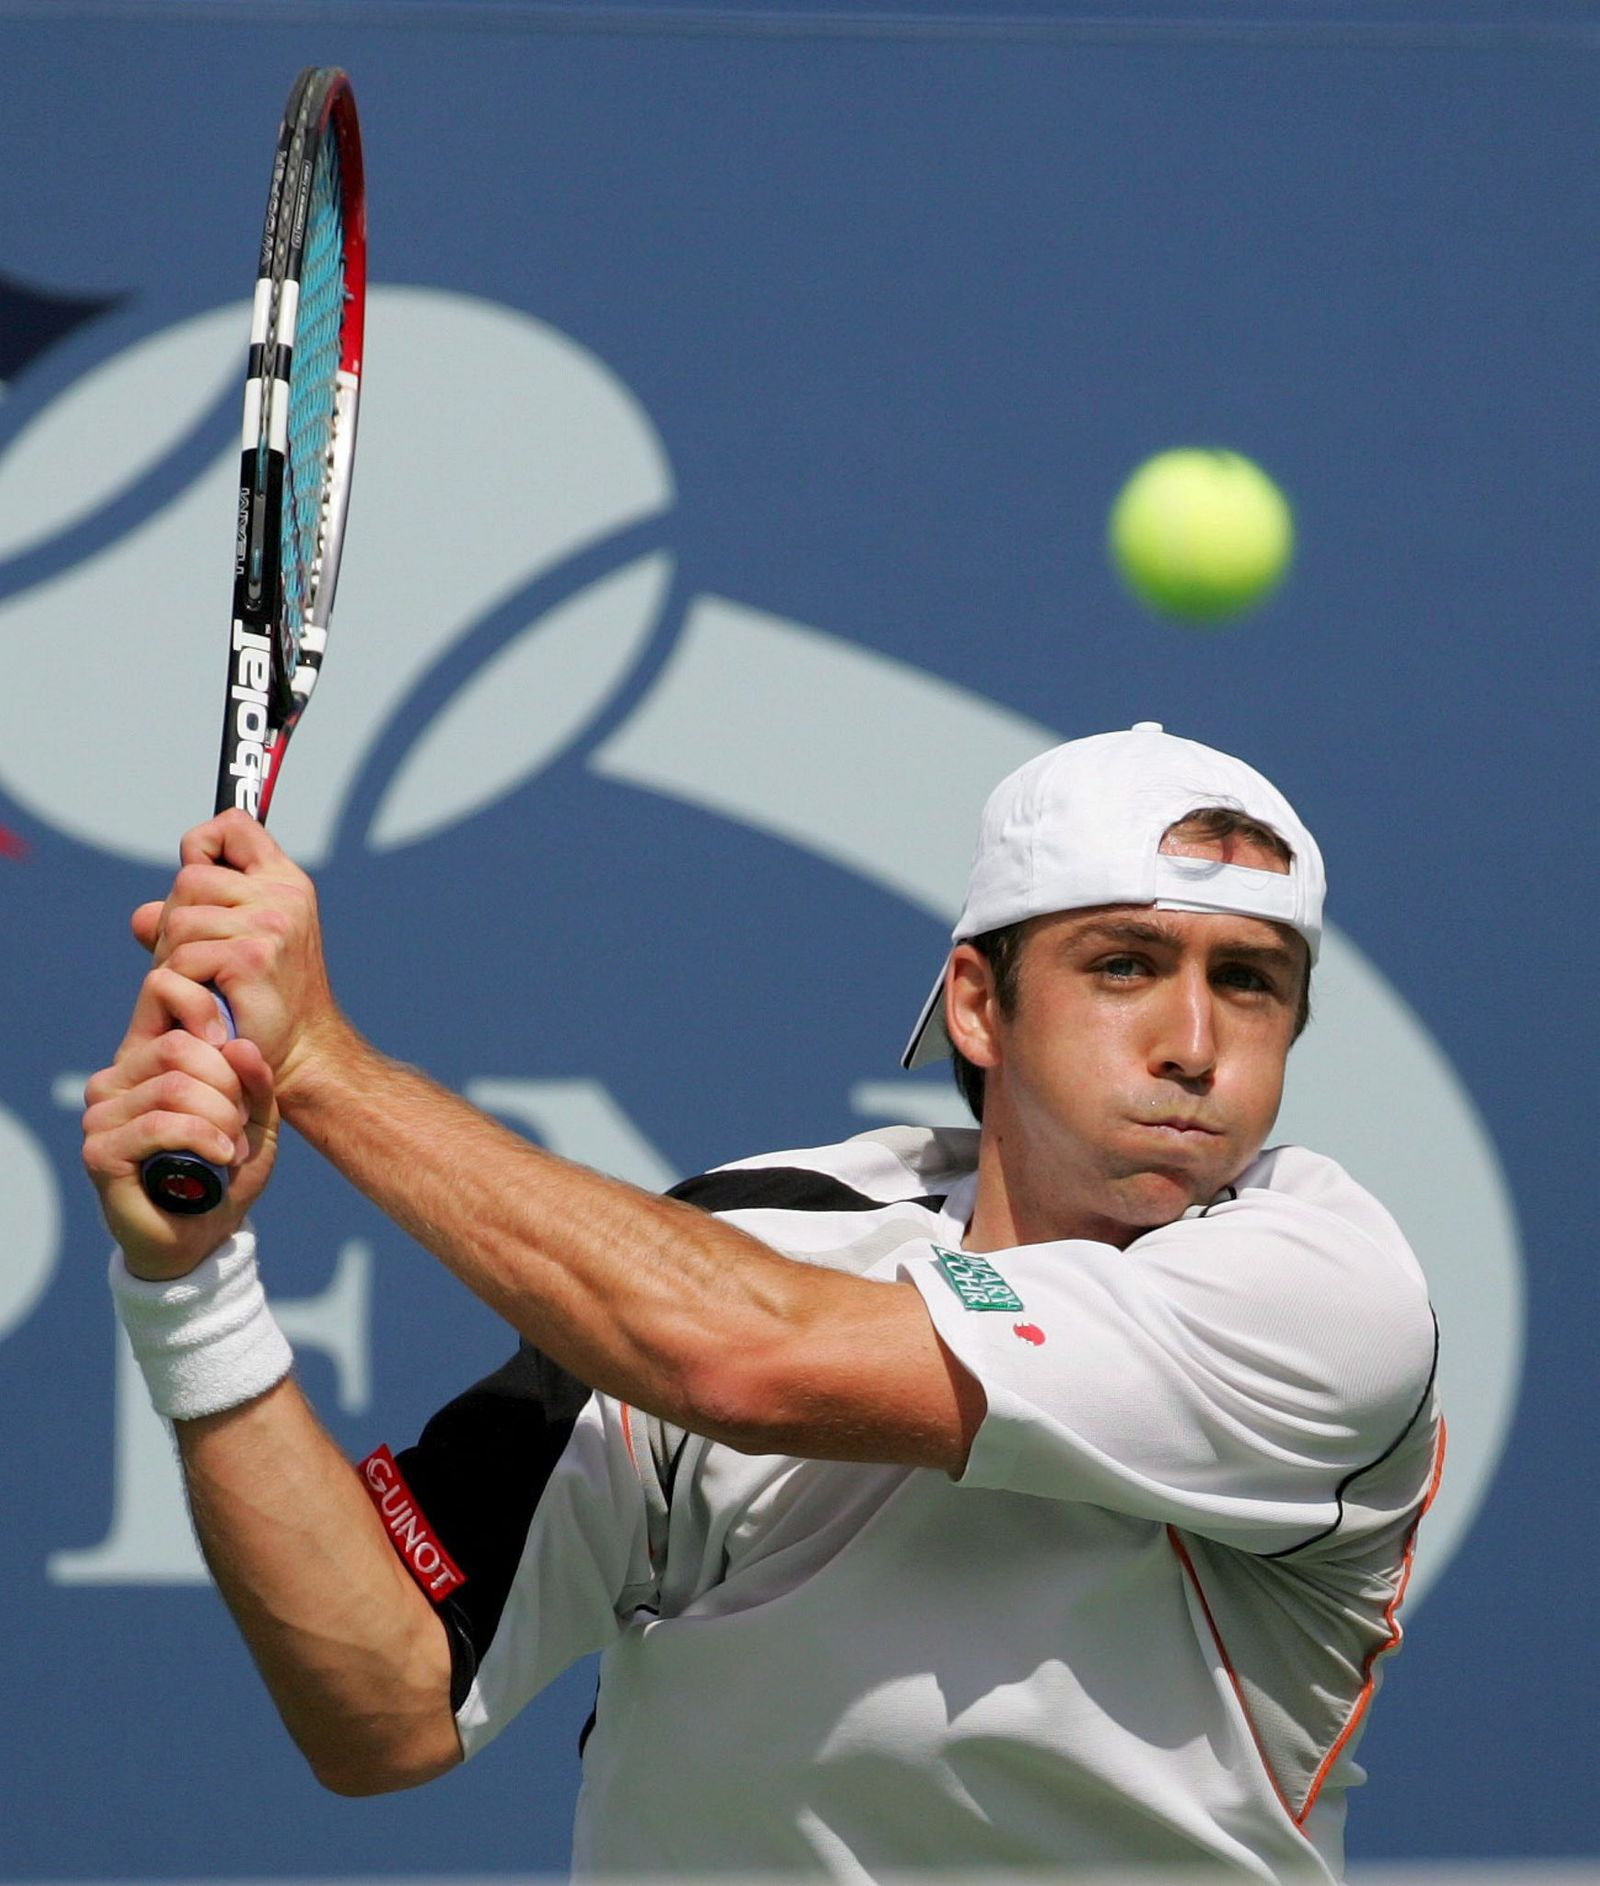 Tennis US Open - Benjamin Becker